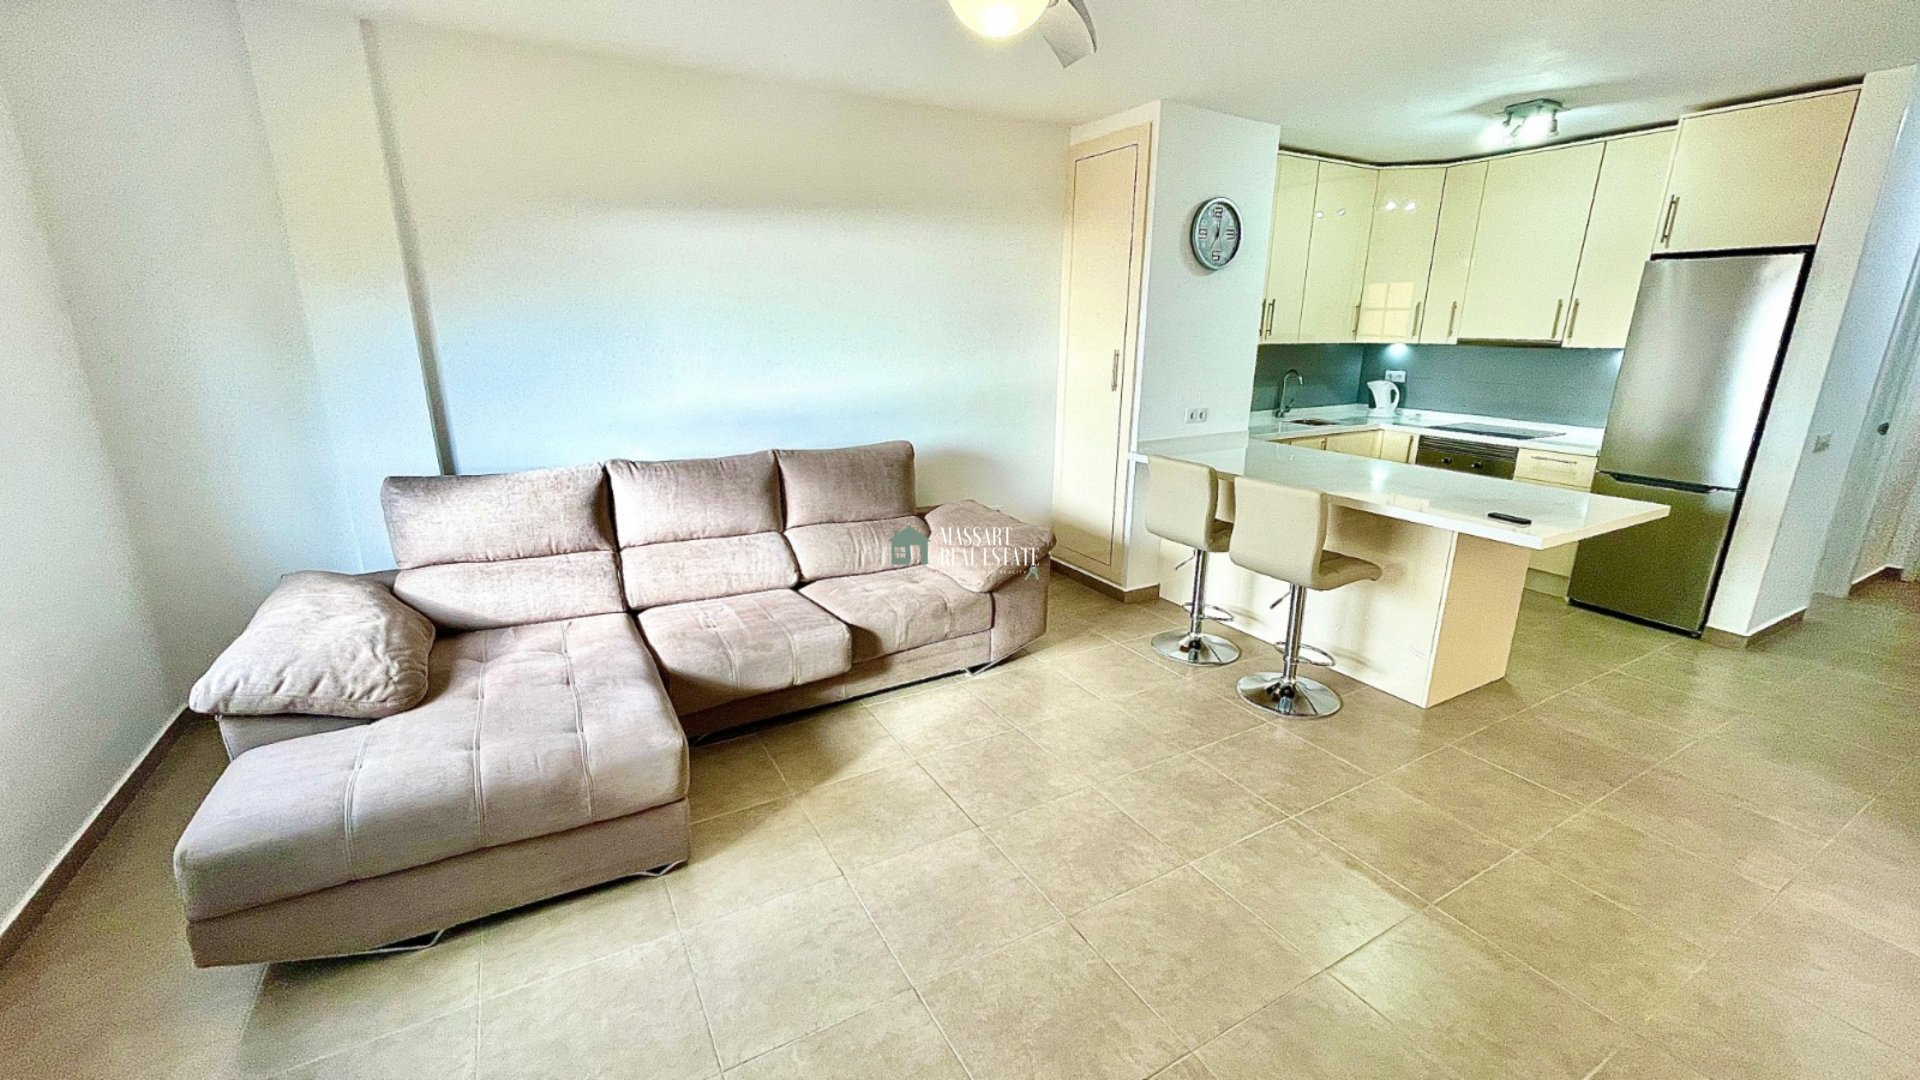 Apartamento renovado y en muy buen estado de conservación ubicado en el popular residencial Balcón del Atlántico, Torviscas.